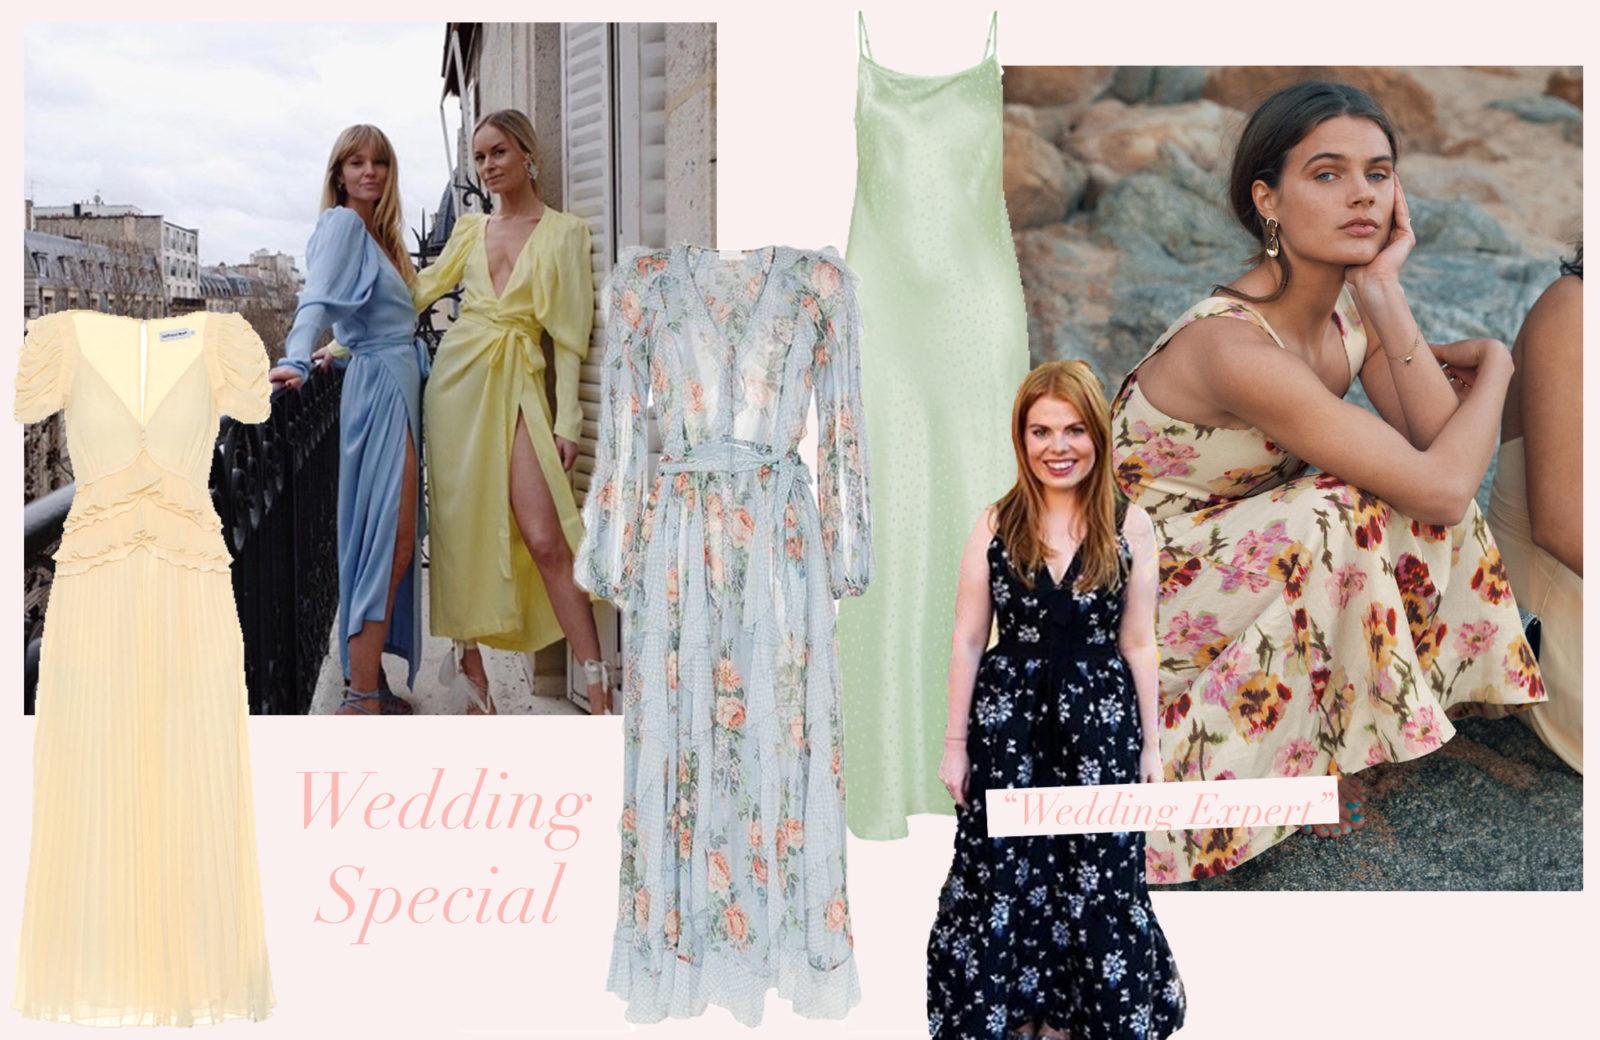 Genial Midi Kleider Hochzeitsgast Boutique13 Perfekt Midi Kleider Hochzeitsgast Stylish